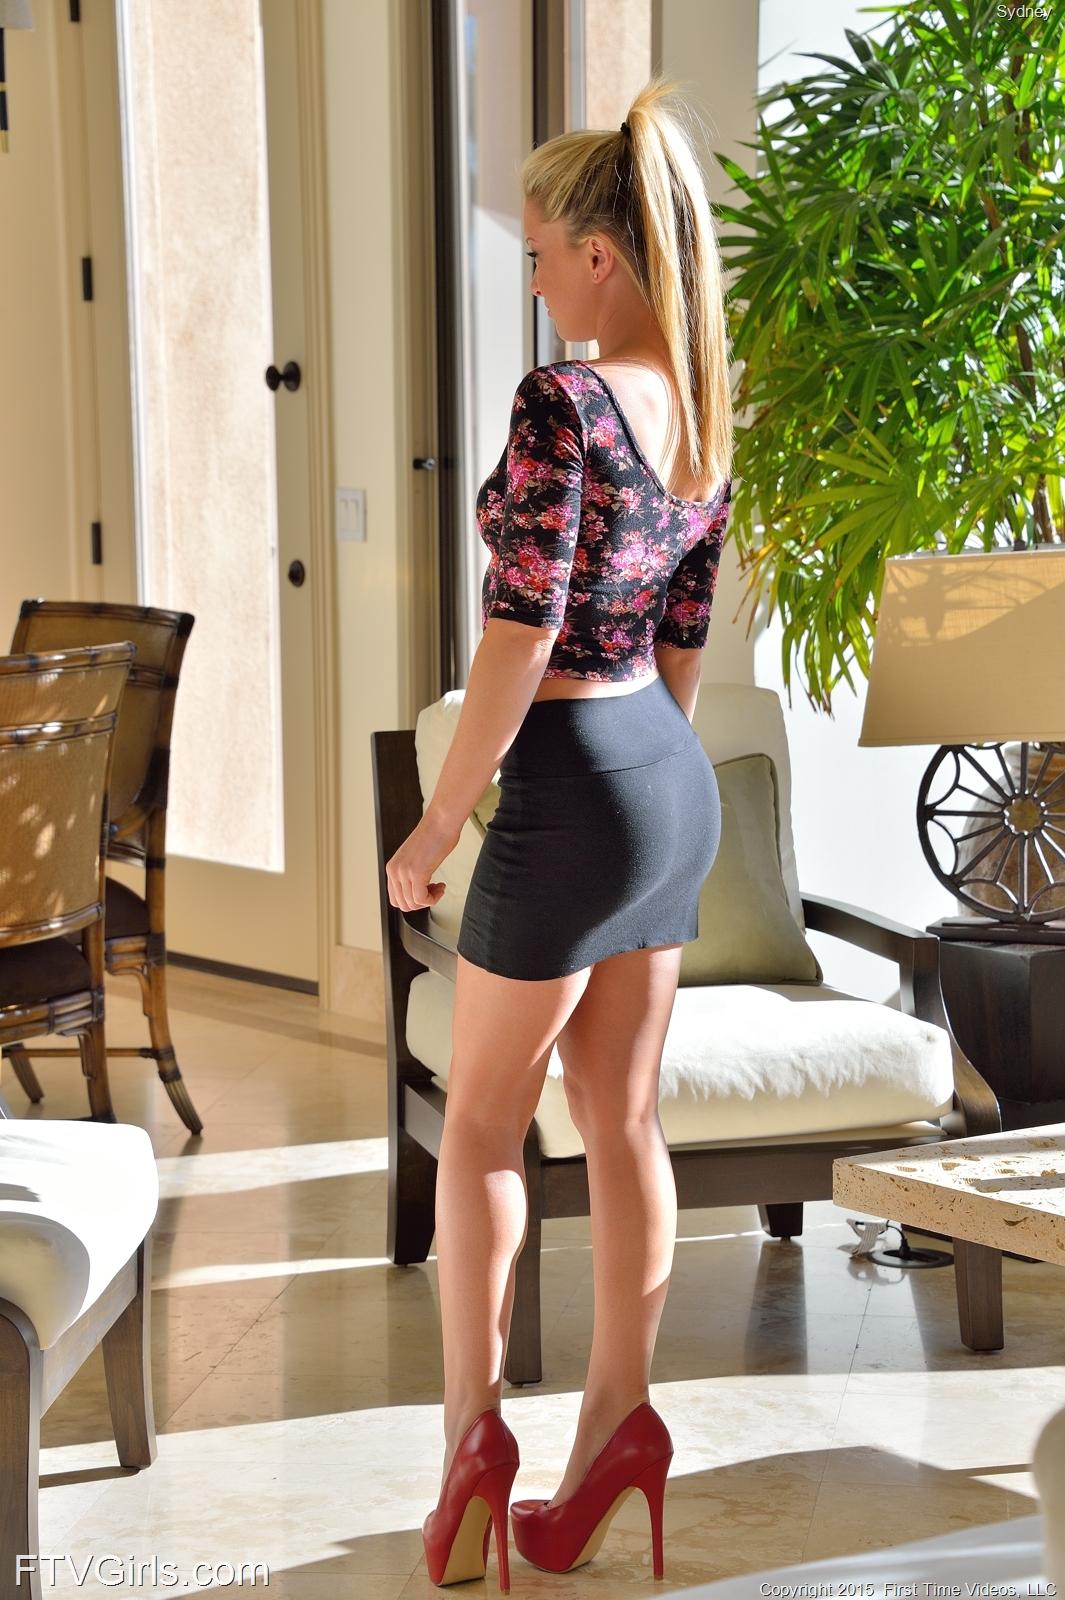 Zdjęcie porno - 01 1 - Nastolatka w salonie